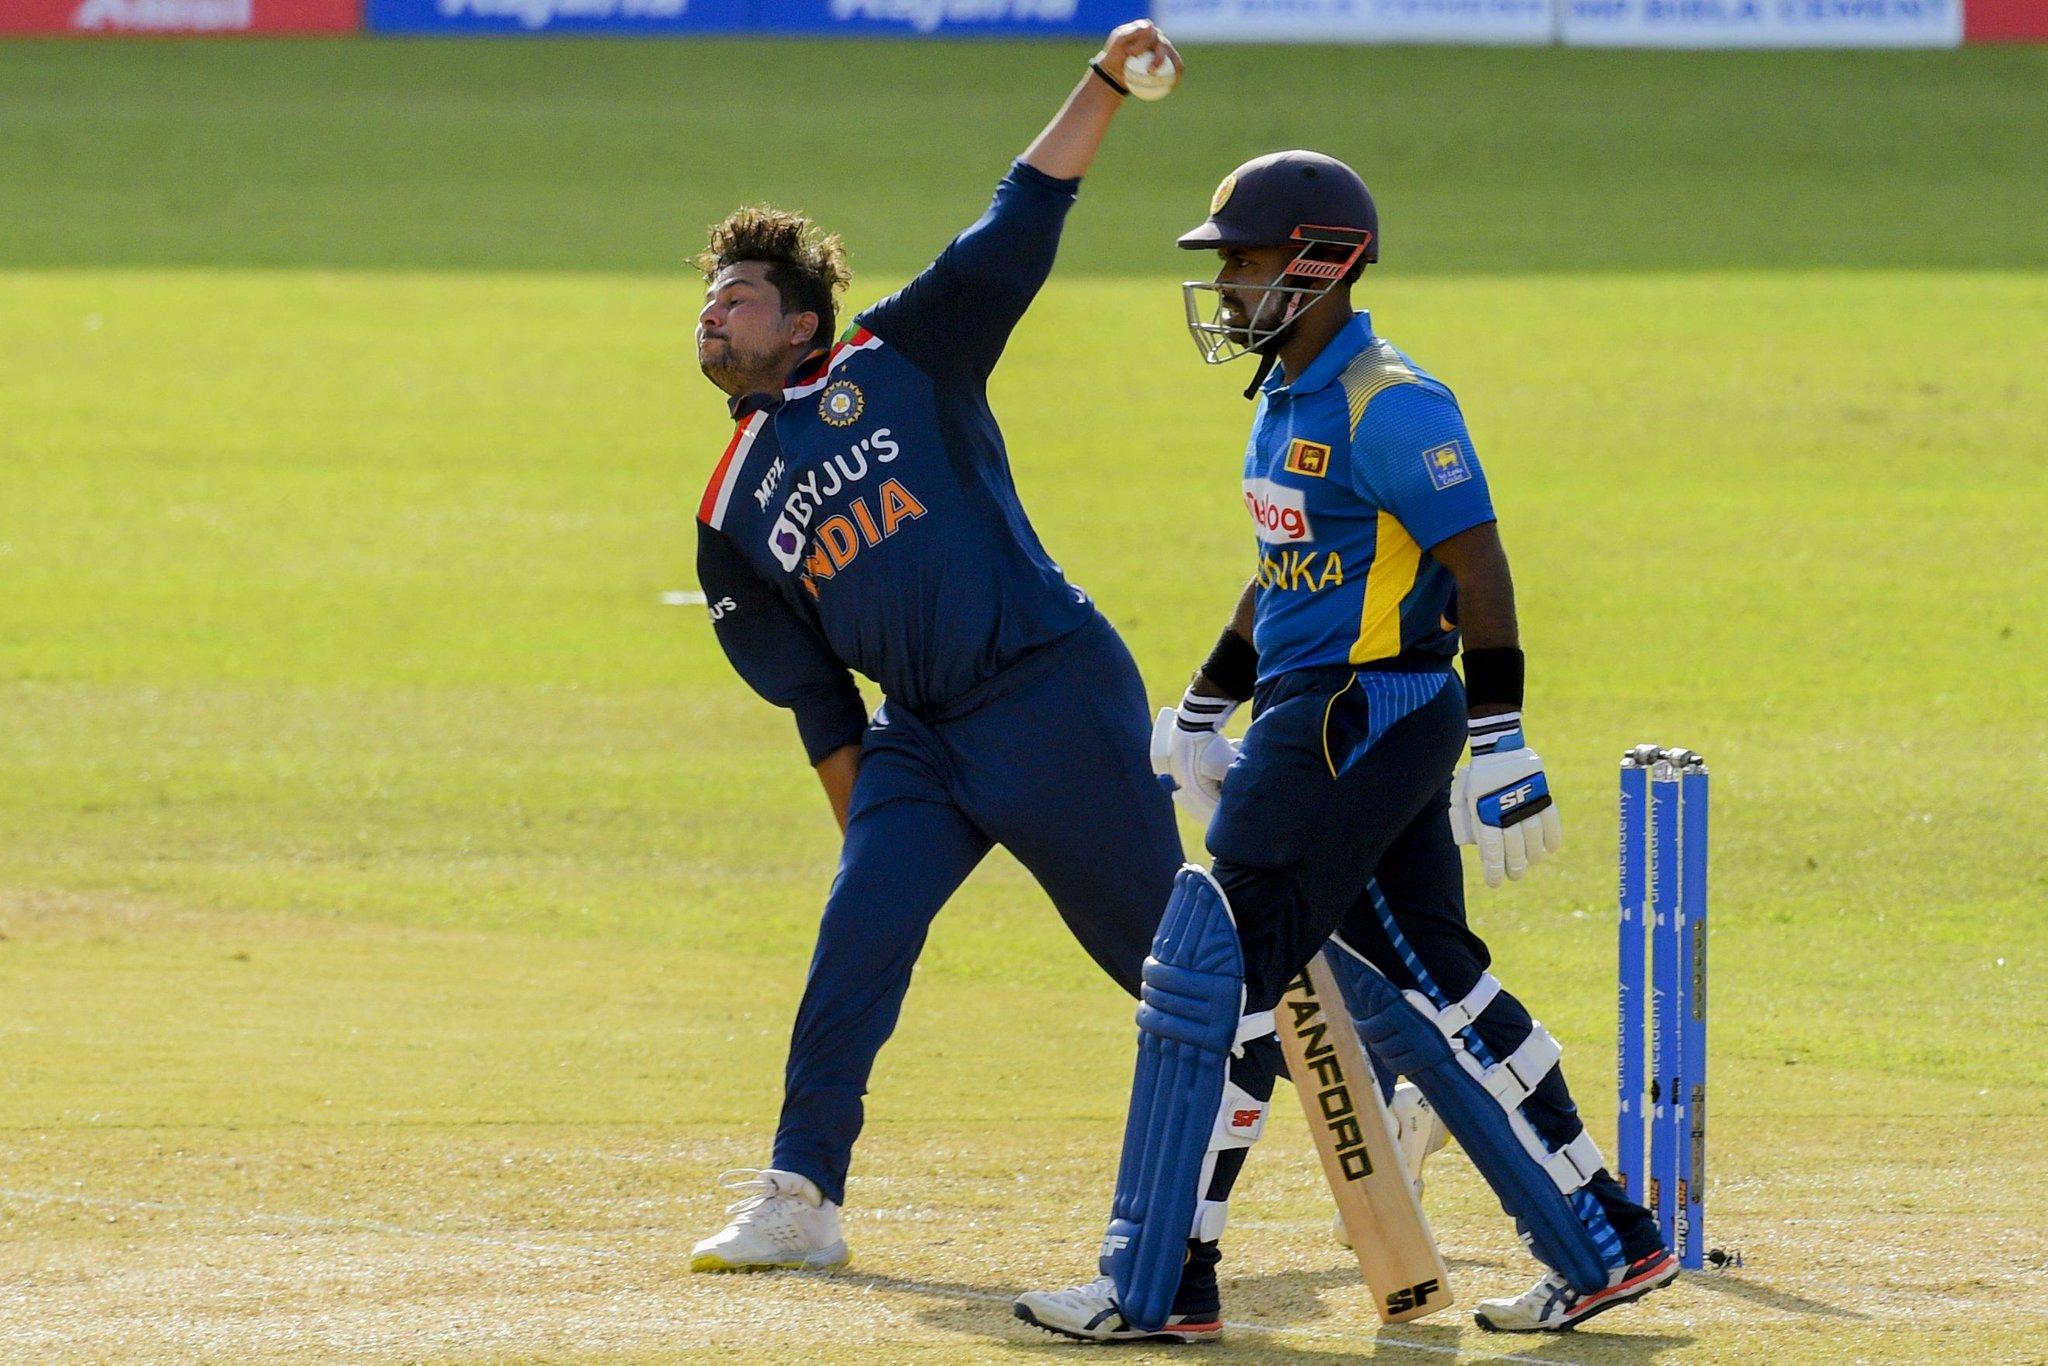 कुलदीप ने श्रीलंका को 17वें ओवर में 2 झटके दिए। उन्होंने भानुका राजपक्षा और मिनोद भानुका को आउट किया।